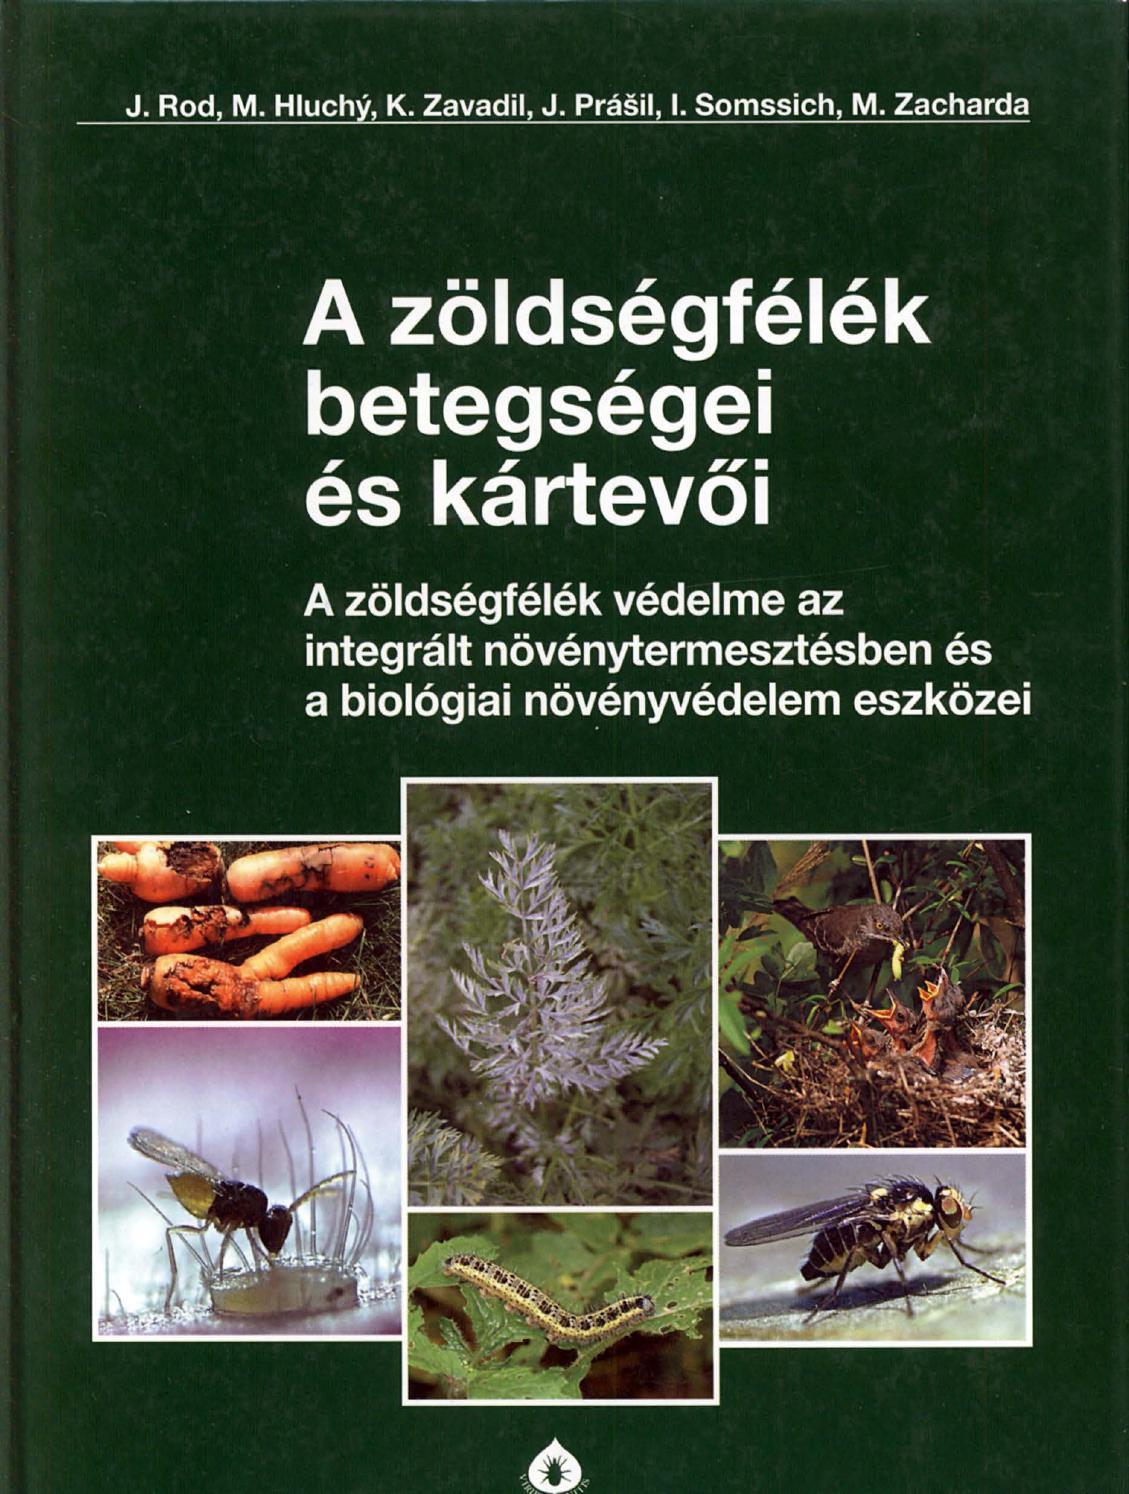 a kerekférgek a vékonybélben vagy a vastagbélben parazitálnak)